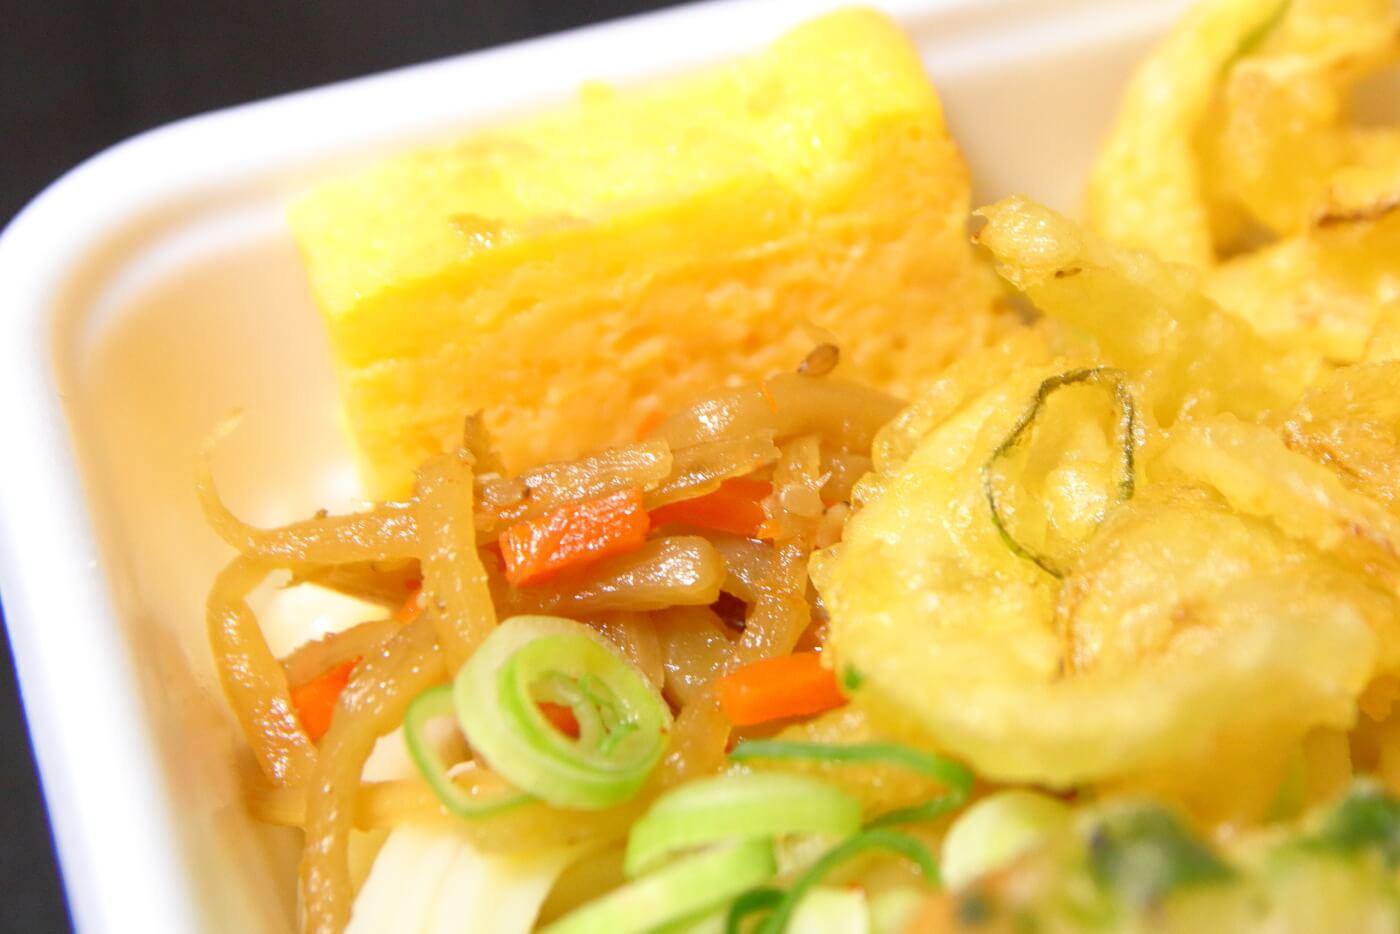 丸亀製麺 うどん弁当 卵焼き きんぴらごぼう